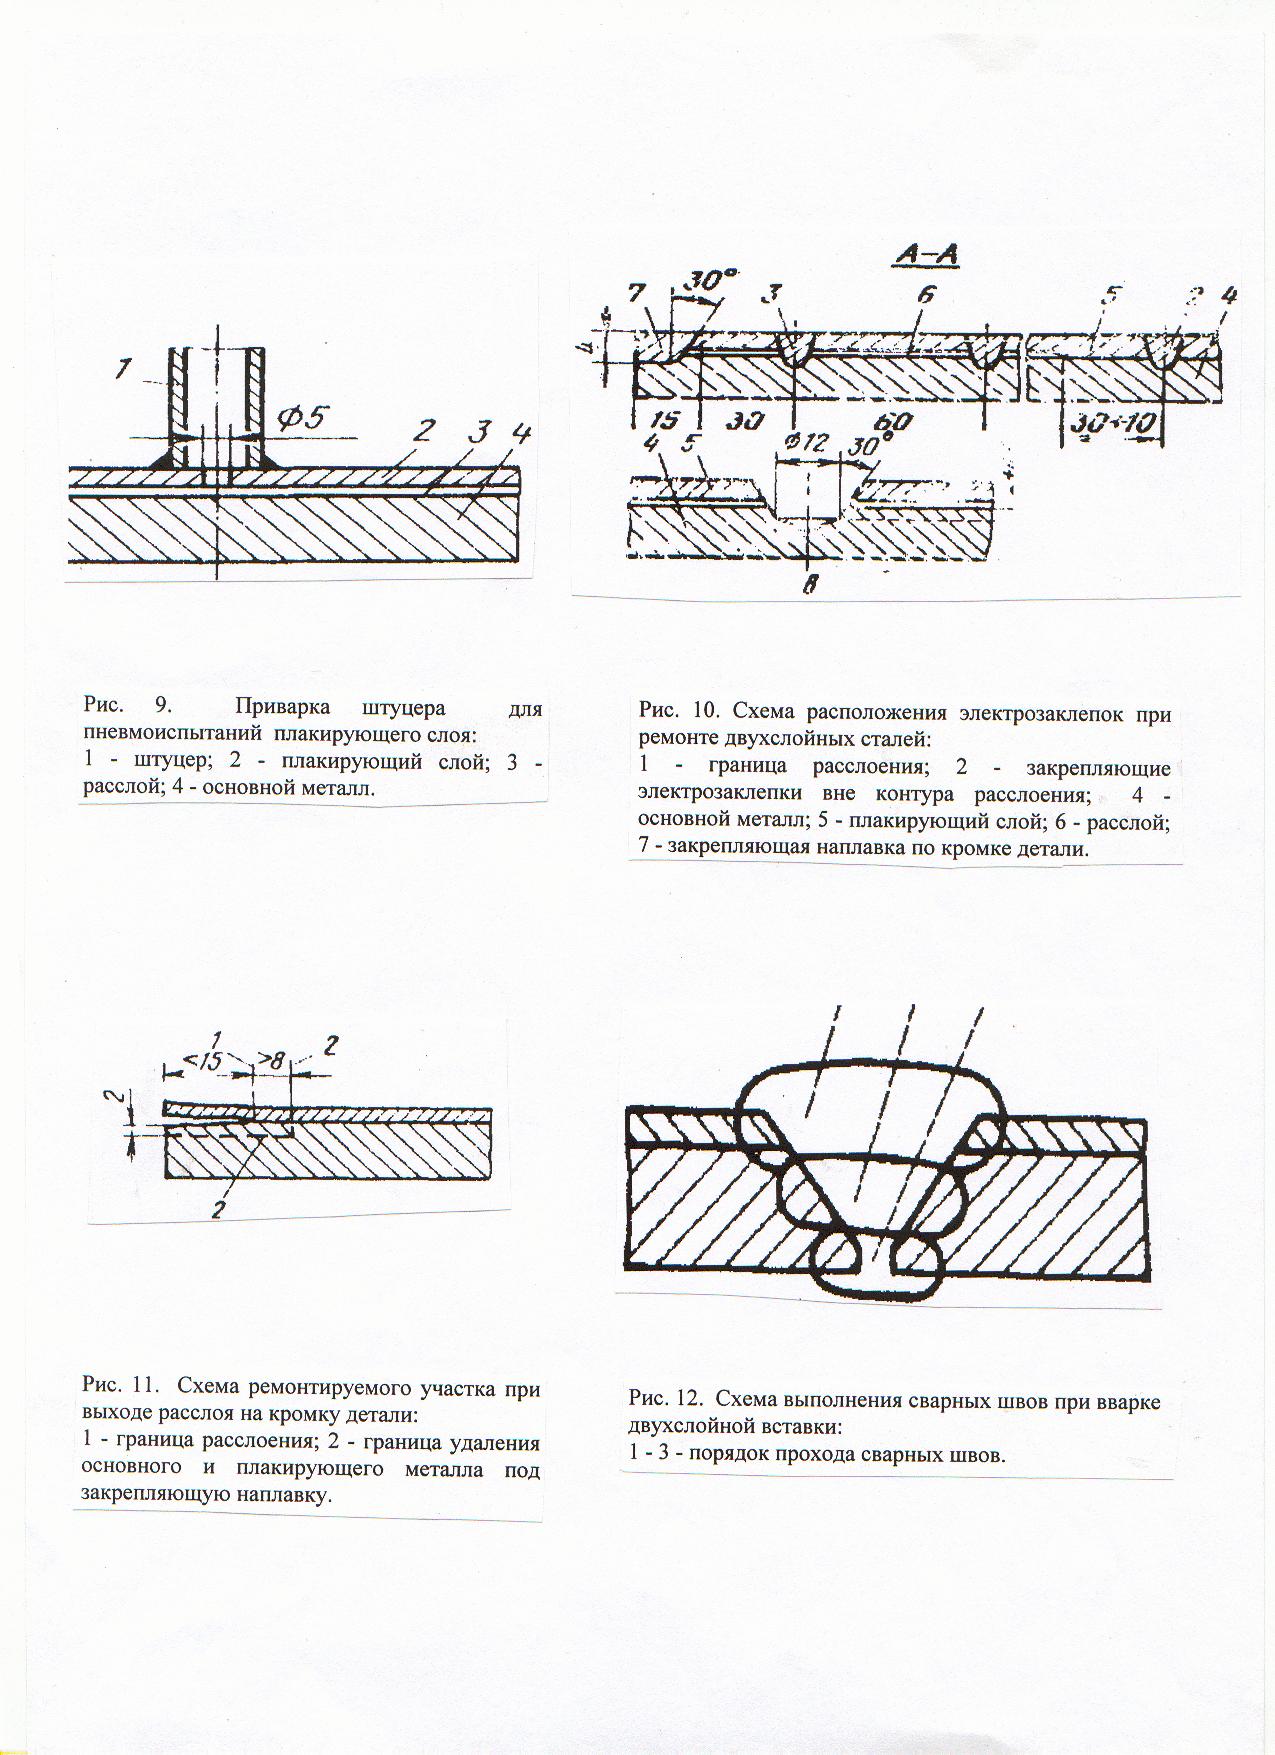 цтрт-14/97